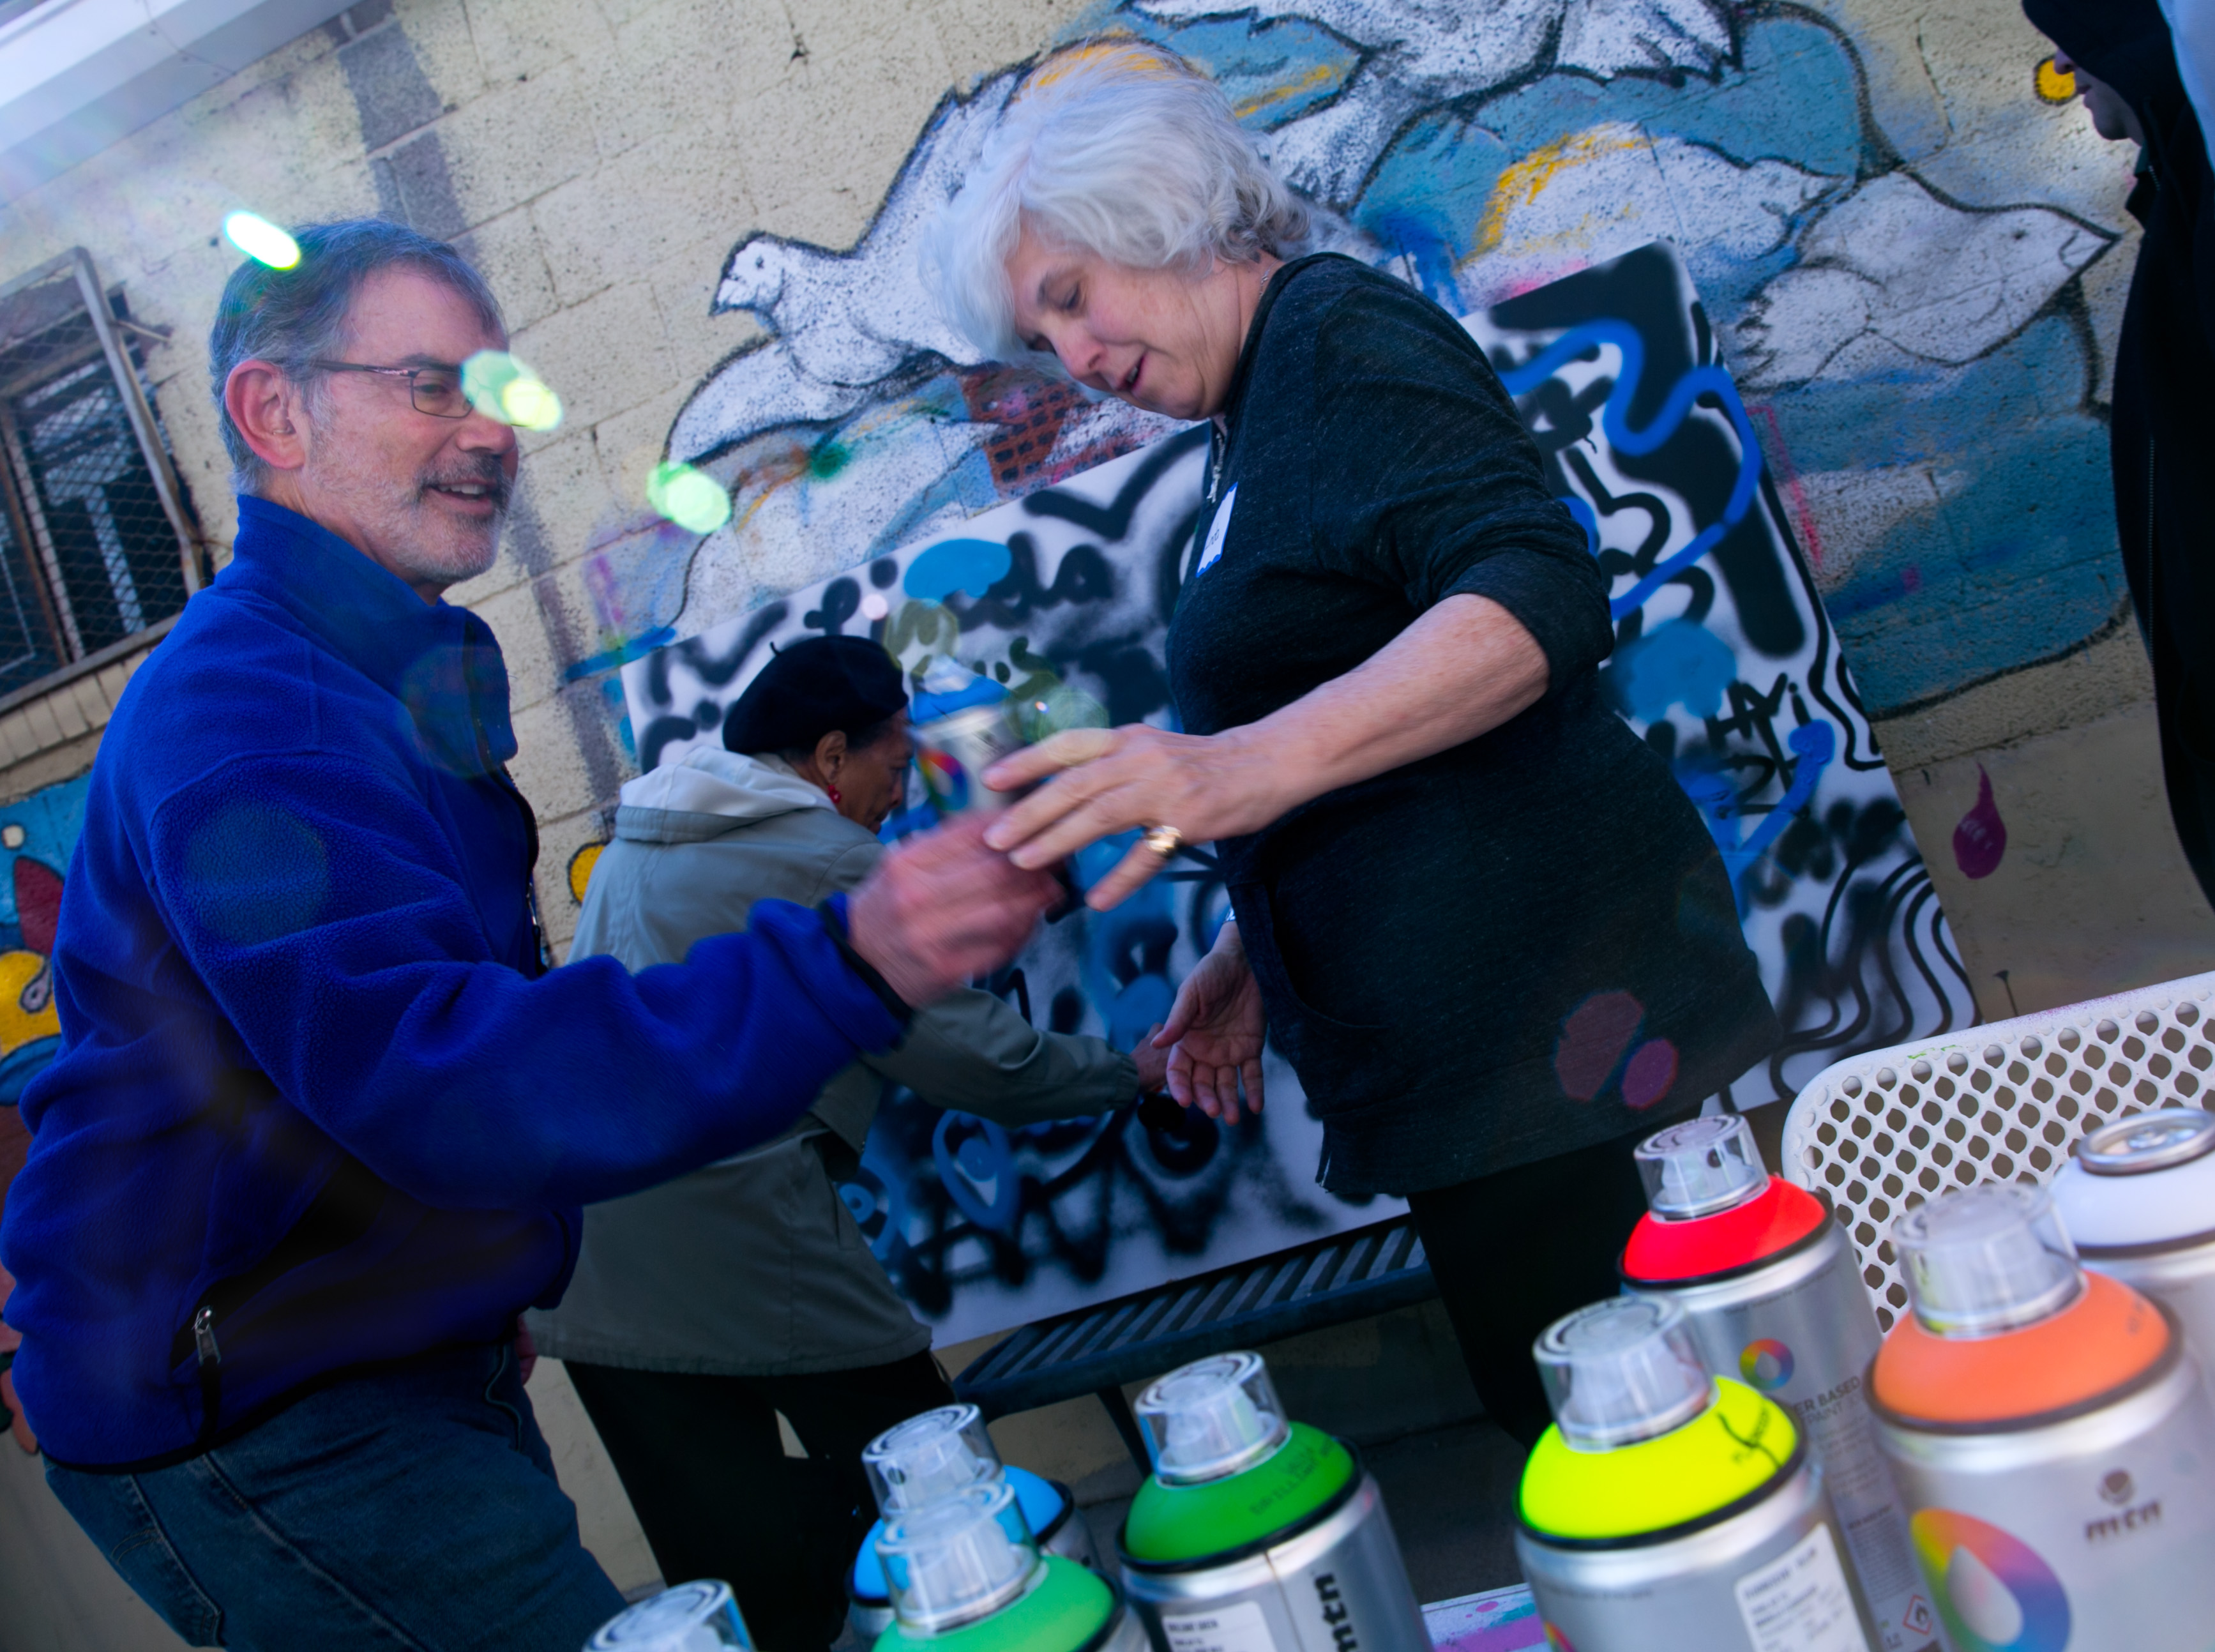 Photo: Granny Does Graffiti at VSA Gallery 4